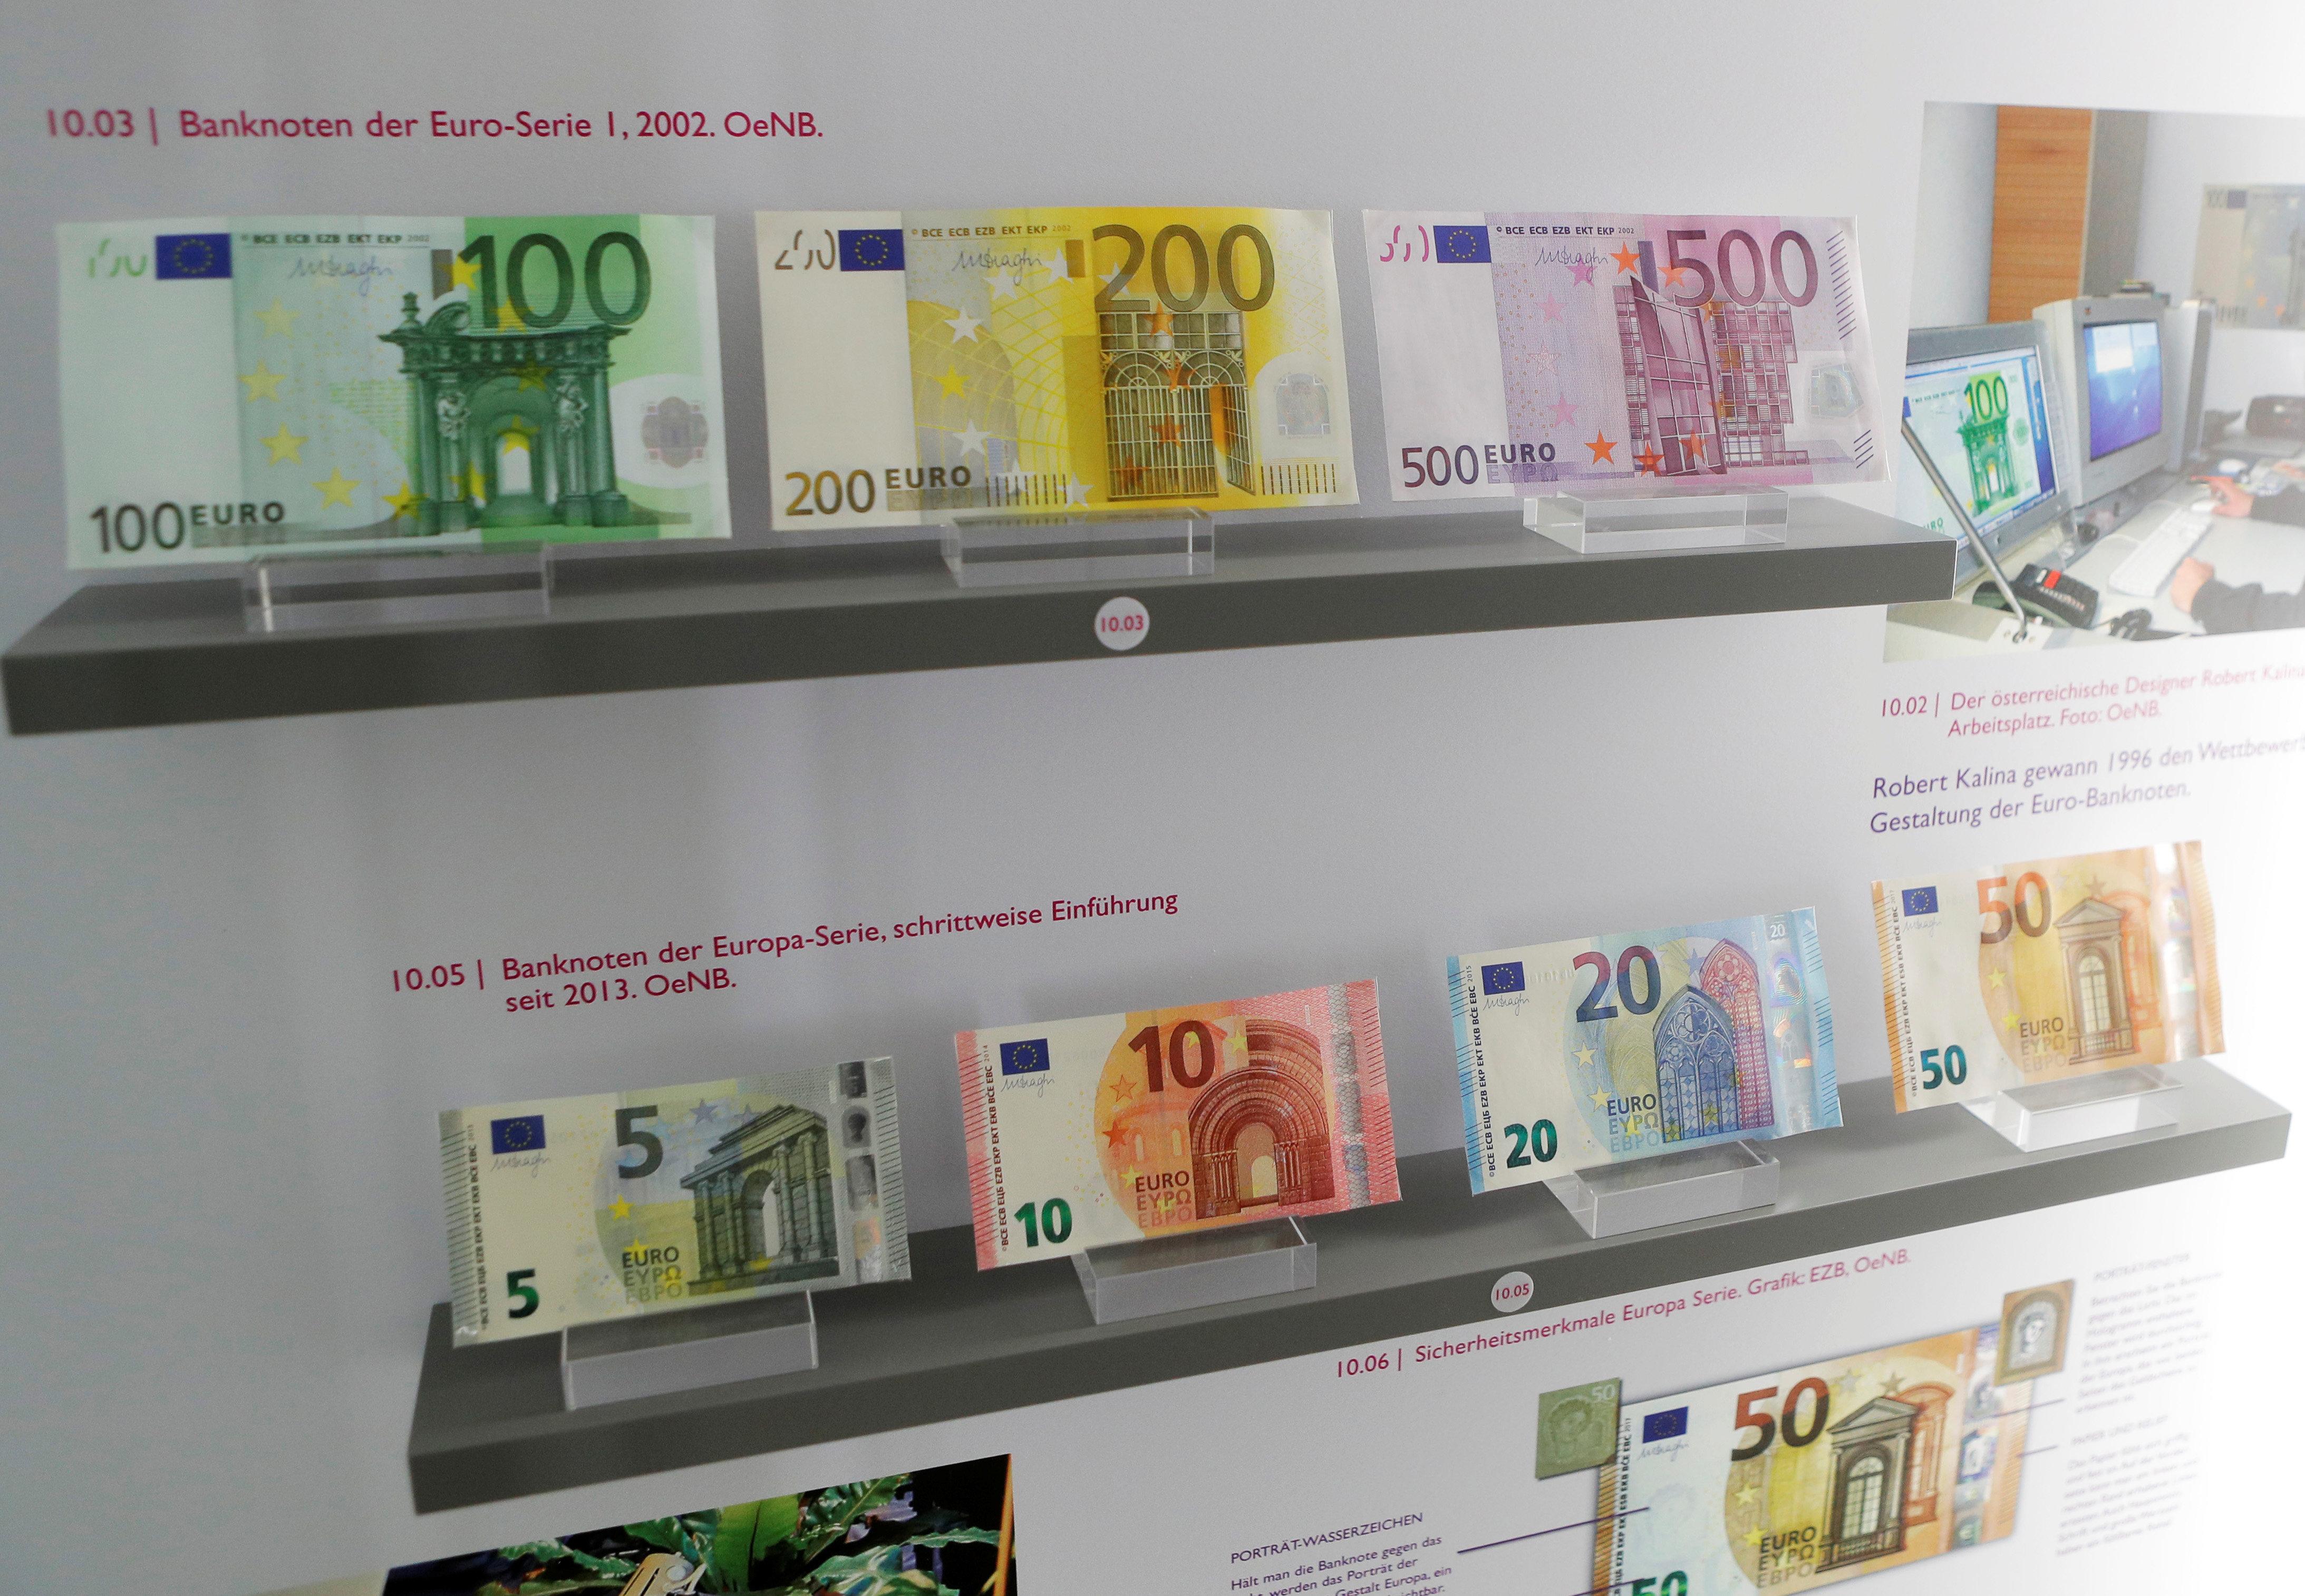 Περισσότερα από 2,4 δισεκ ευρώ για το Ελληνικό Δημόσιο σε δημοπρασία εντόκων